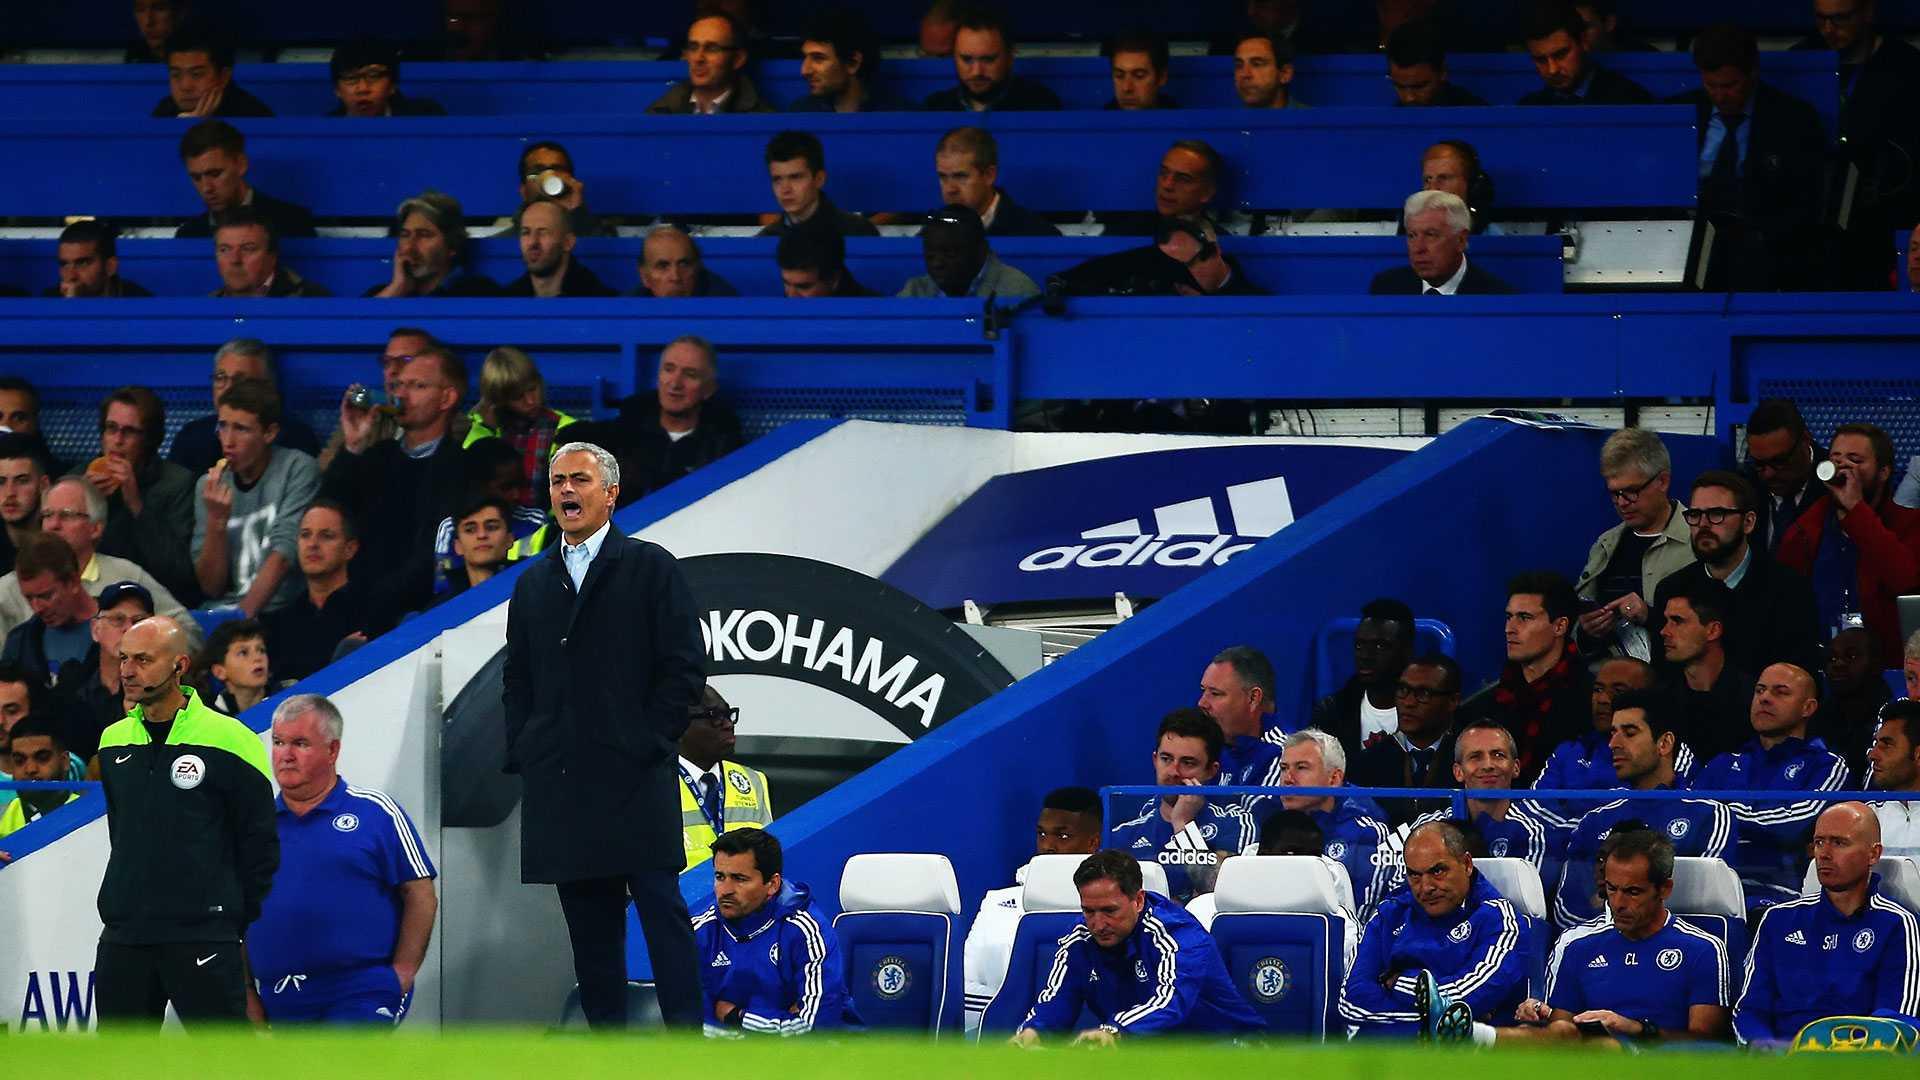 Ở Chelsea, Mourinho đang không rạch ròi giữa tôn chỉ tập thể với vị thế 'người quan trọng nhất'